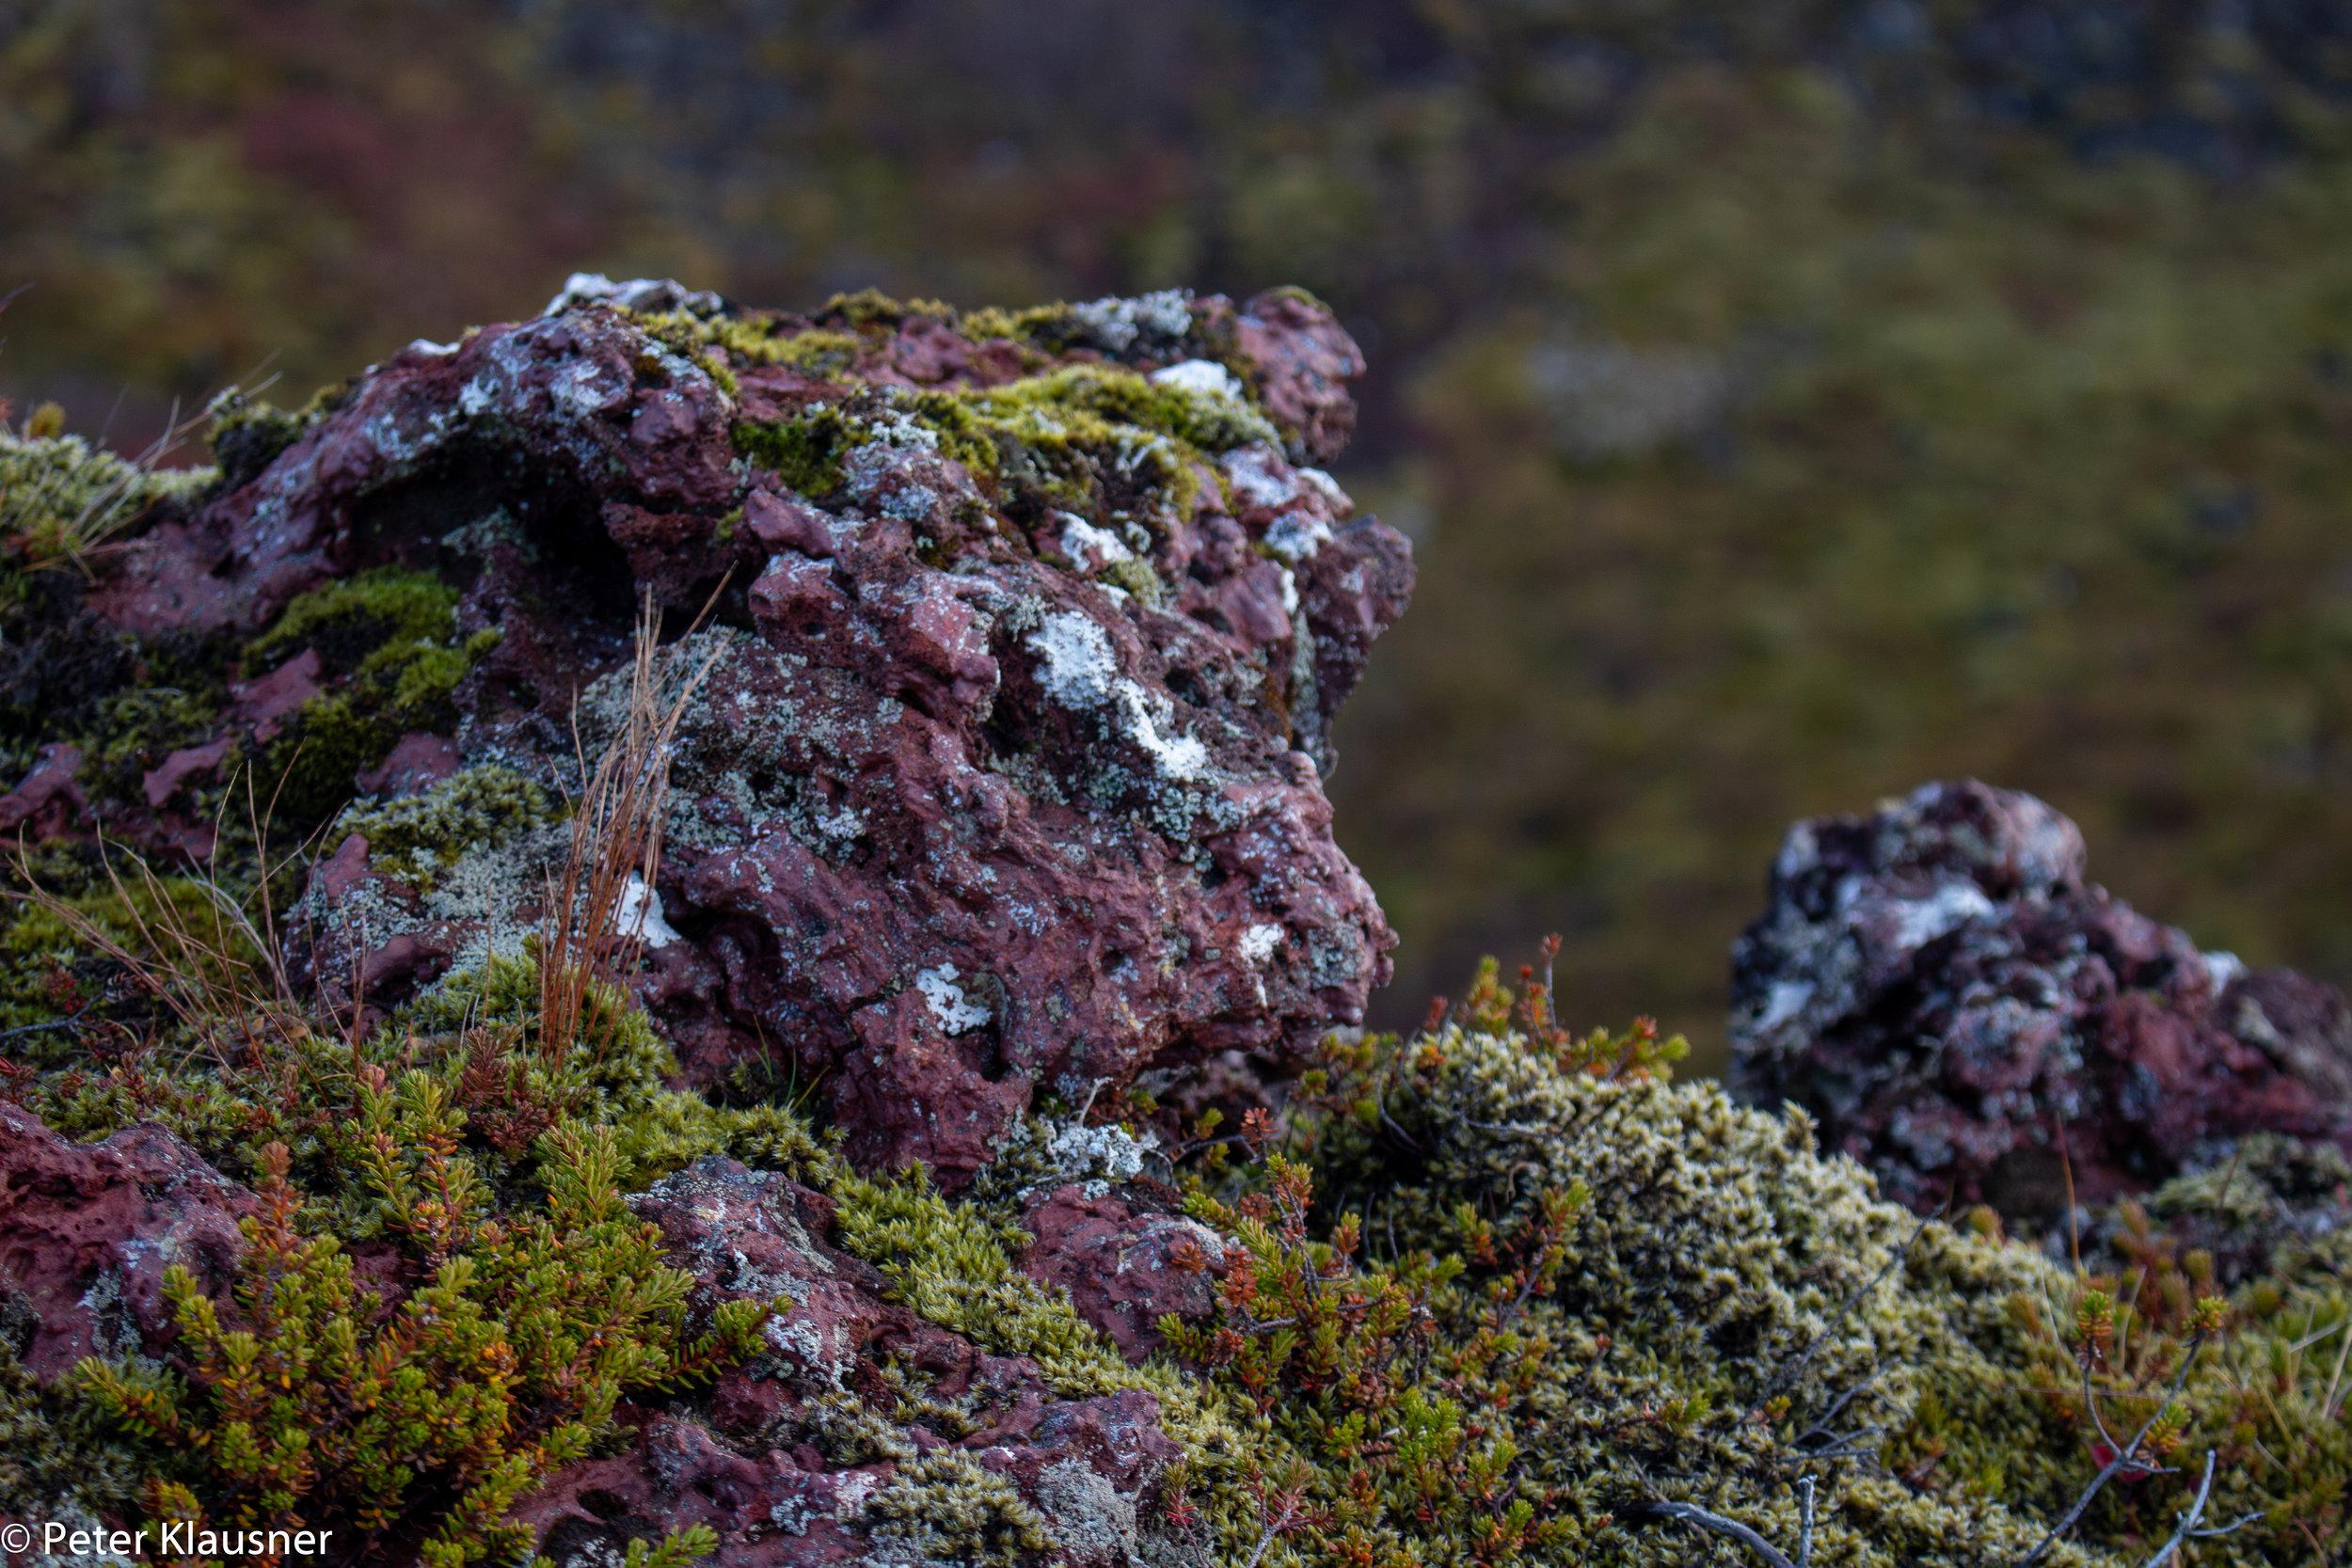 IcelandWebsite-2.jpg